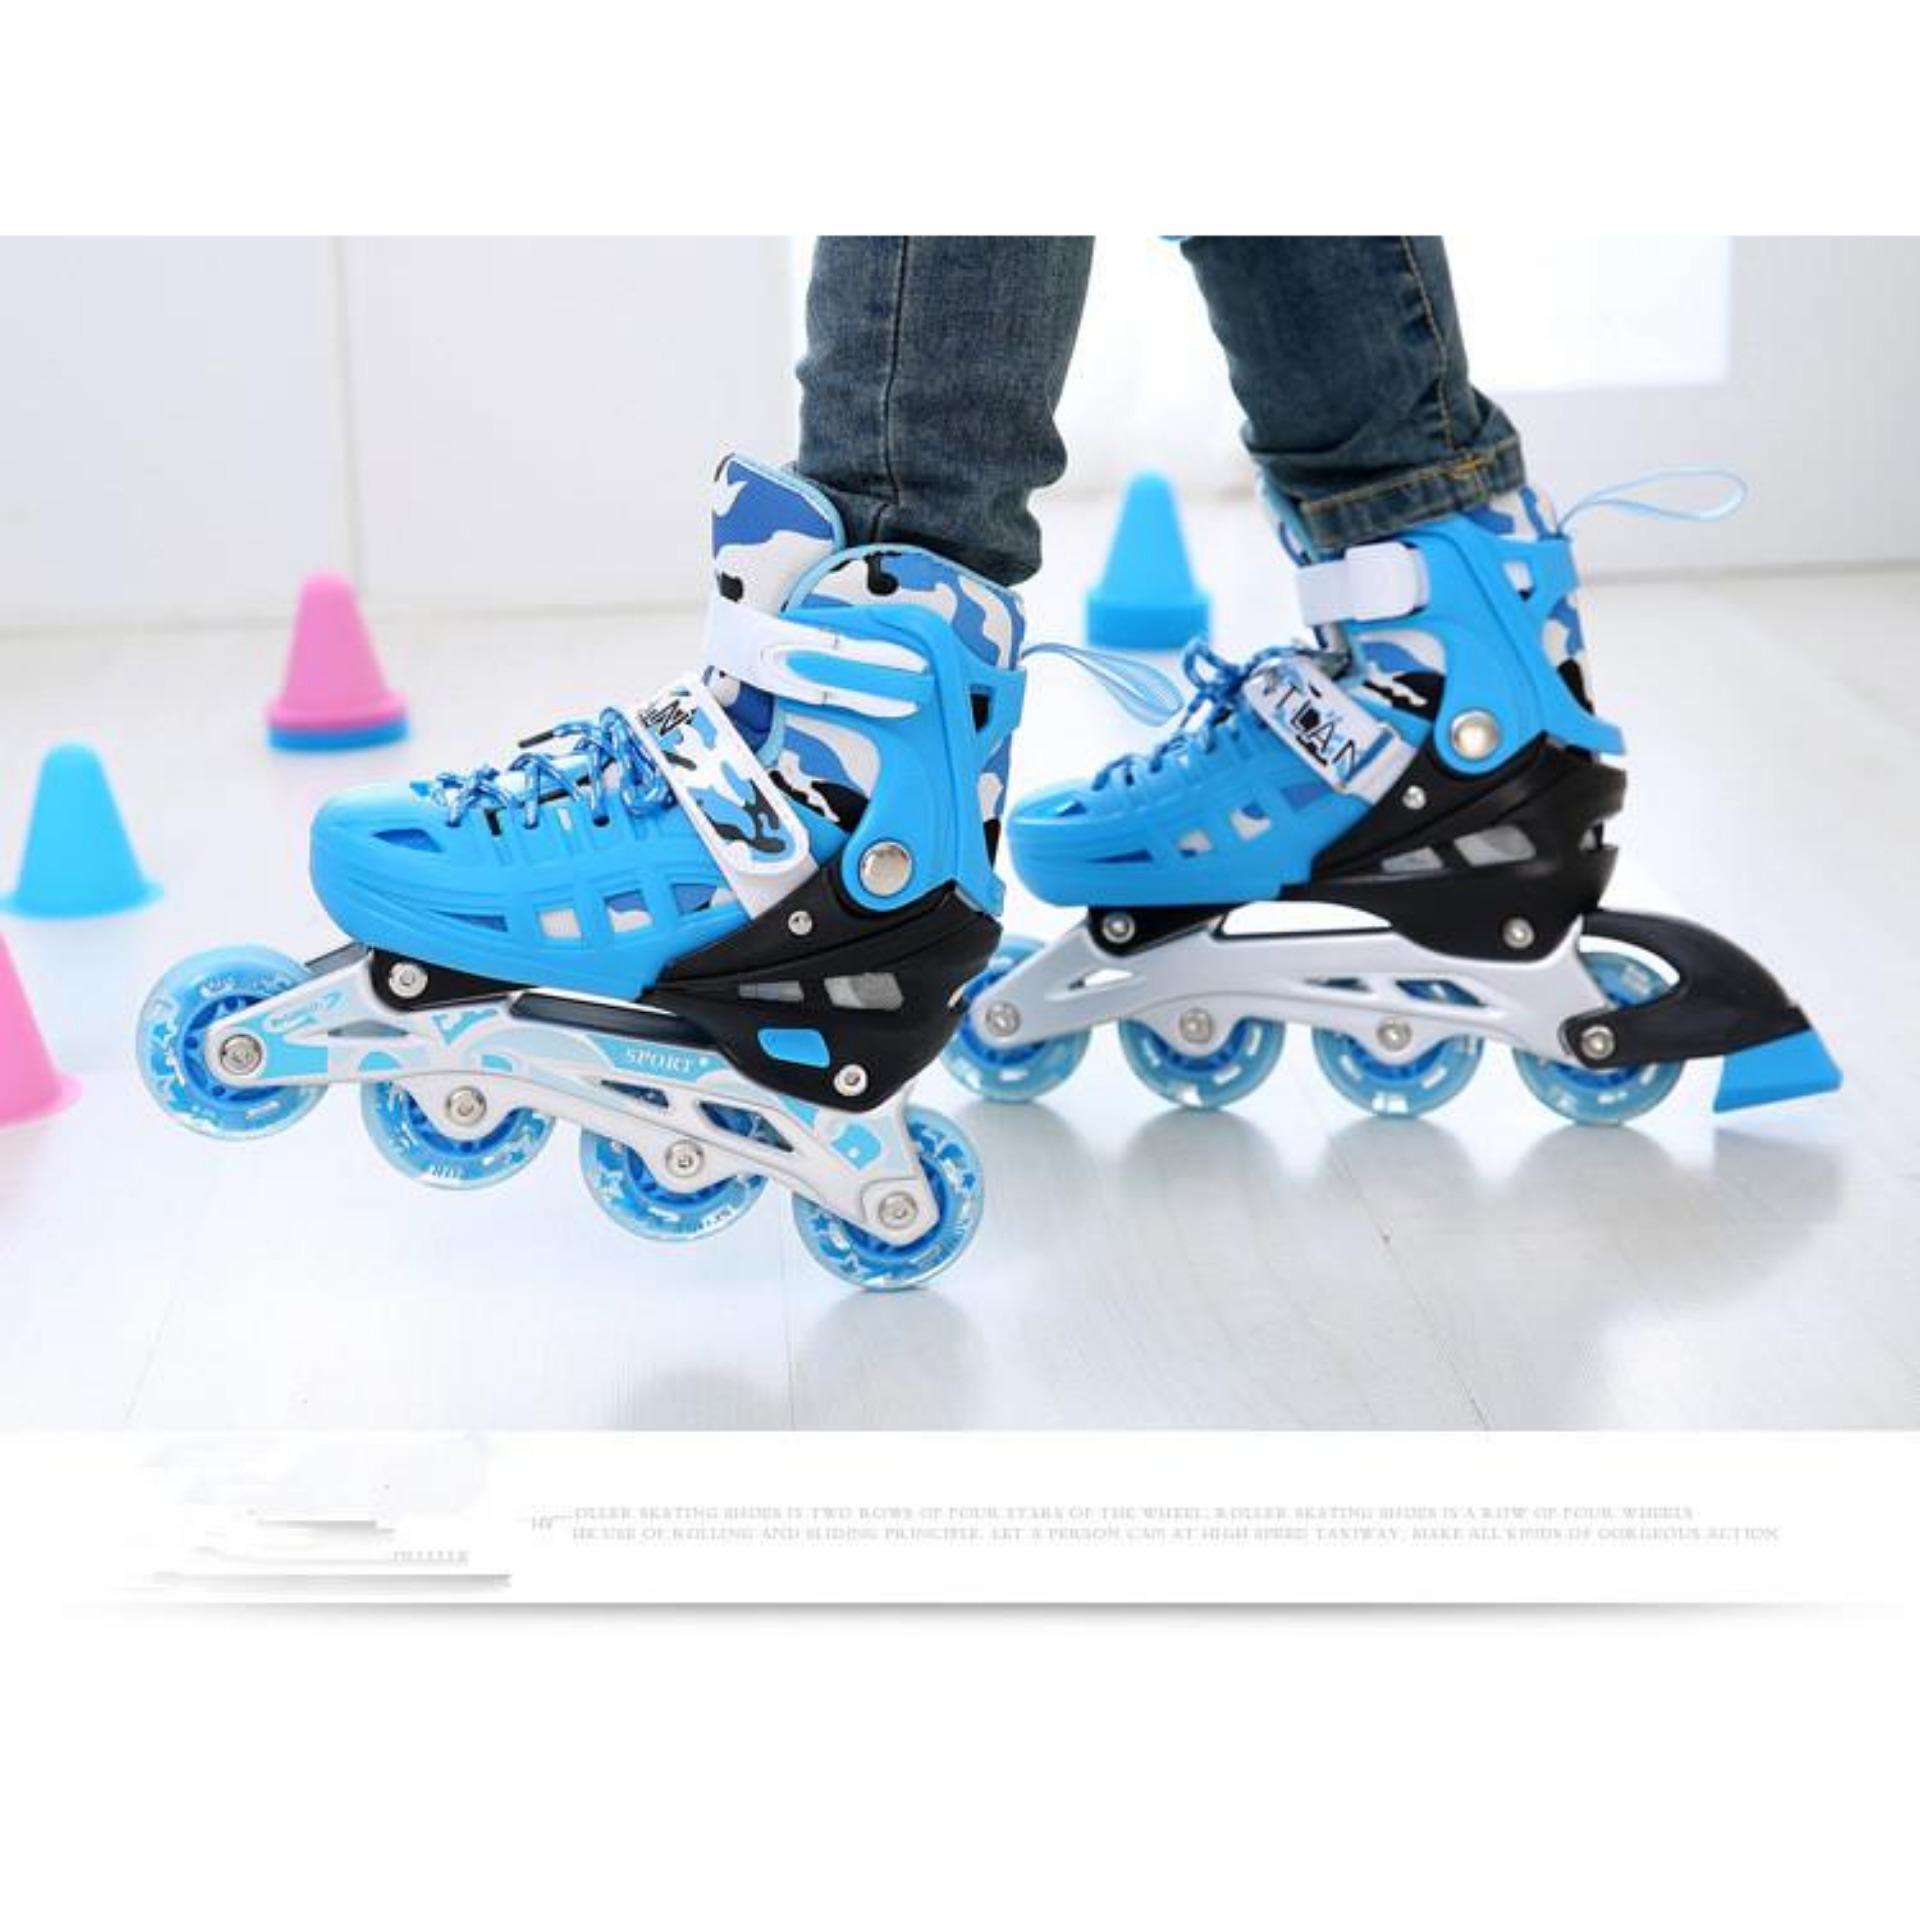 Giày patin tốt,giày trượt patin cho bé - Giày Patin Trẻ Em, Chắc Chắn, Ôm Sát Chân Chân,  Giúp Bé Vui Chơi Thỏa Thích Mà Lại An Toàn, Sản Phẩm Cao Cấp -Tặng Kèm Bộ Bảo Hộ Đáng Yêu  - Mẫu Mới 2125